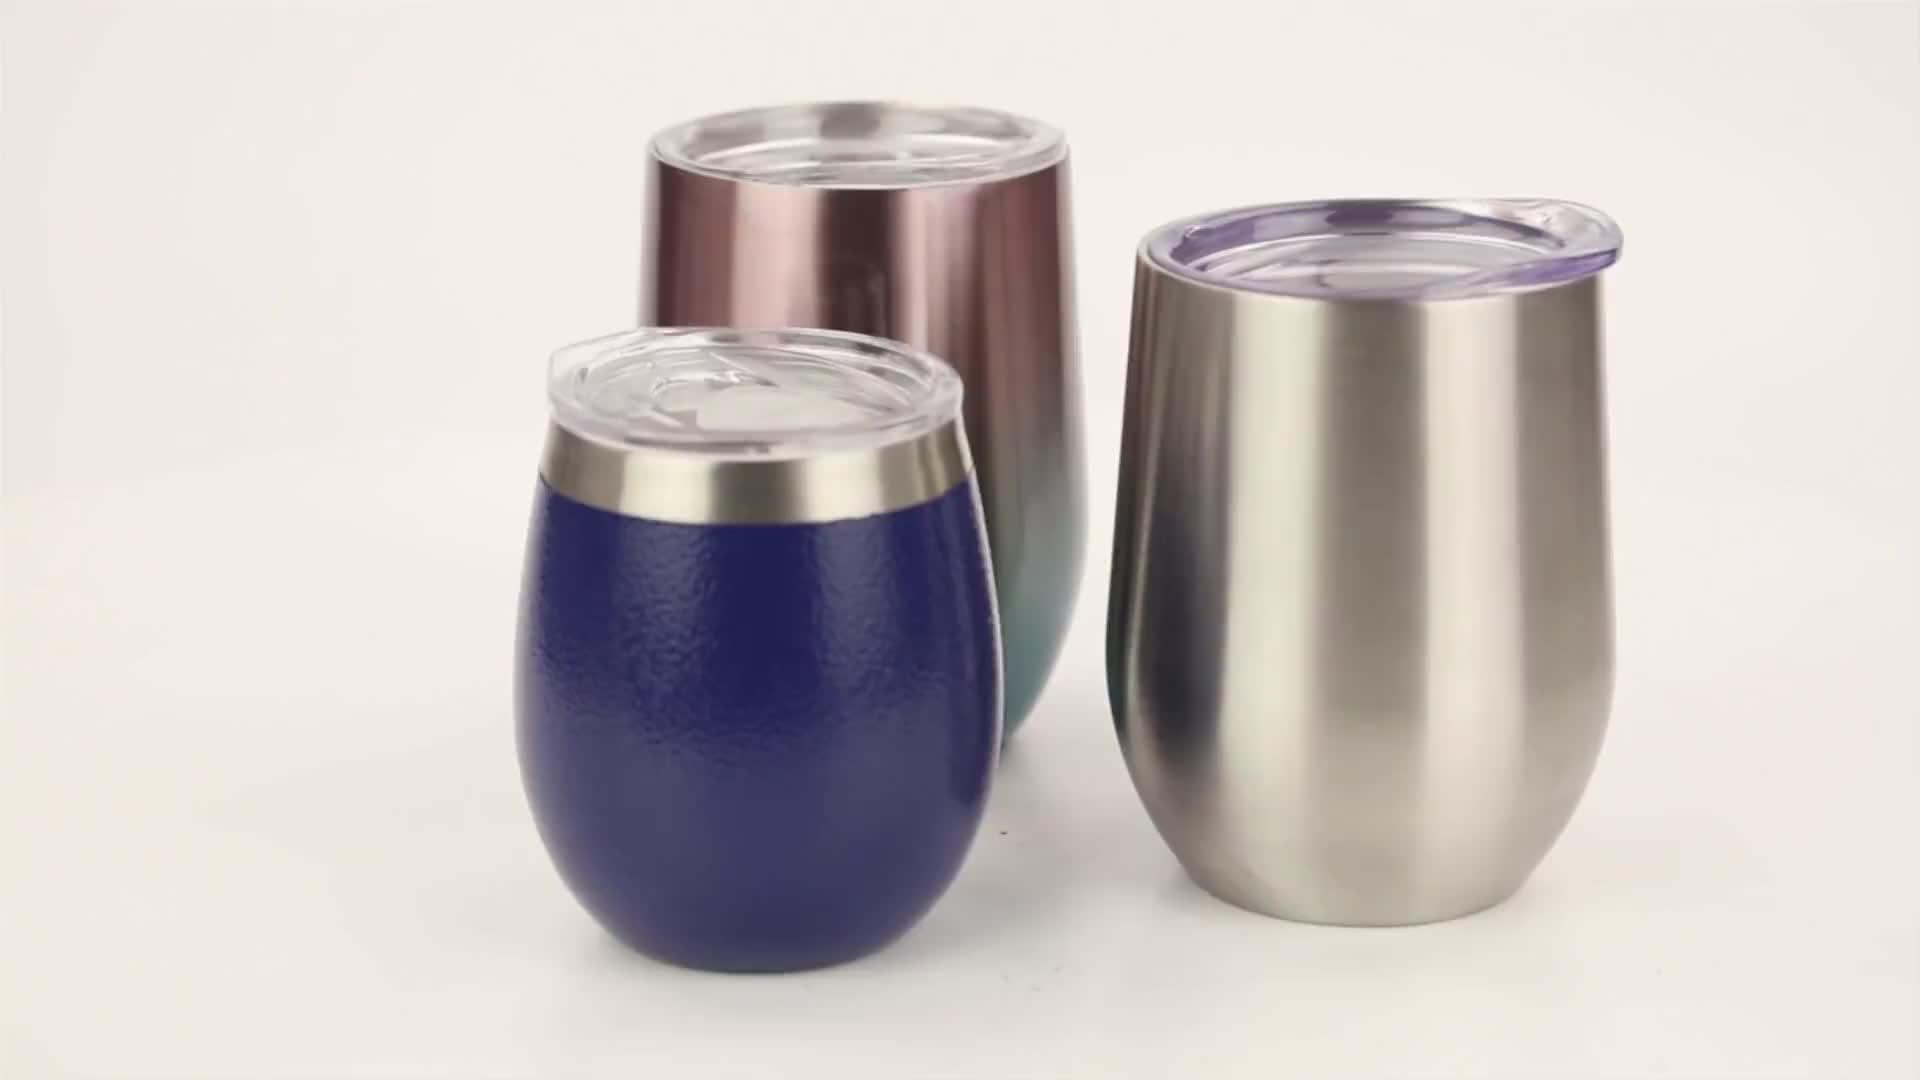 WeVi 12oz çift duvar vakum yalıtımlı özelleştirilmiş Sippy termos paslanmaz çelik kullanımlık kahve kapaklı kupa şarap için